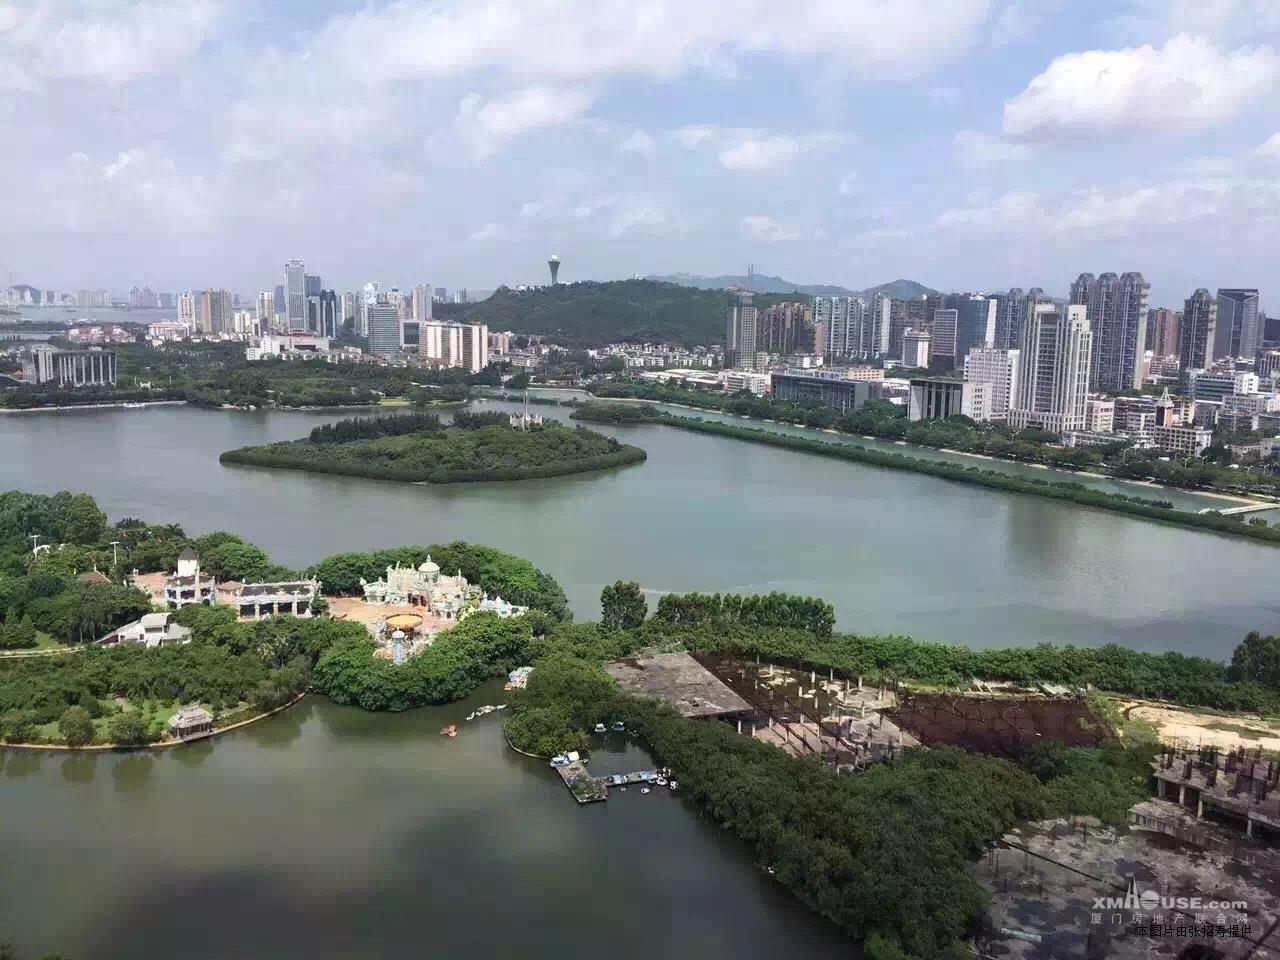 筼筜湖 豪宅之星 鹭岛珍藏 佳苑星河 前排看湖看海 公园